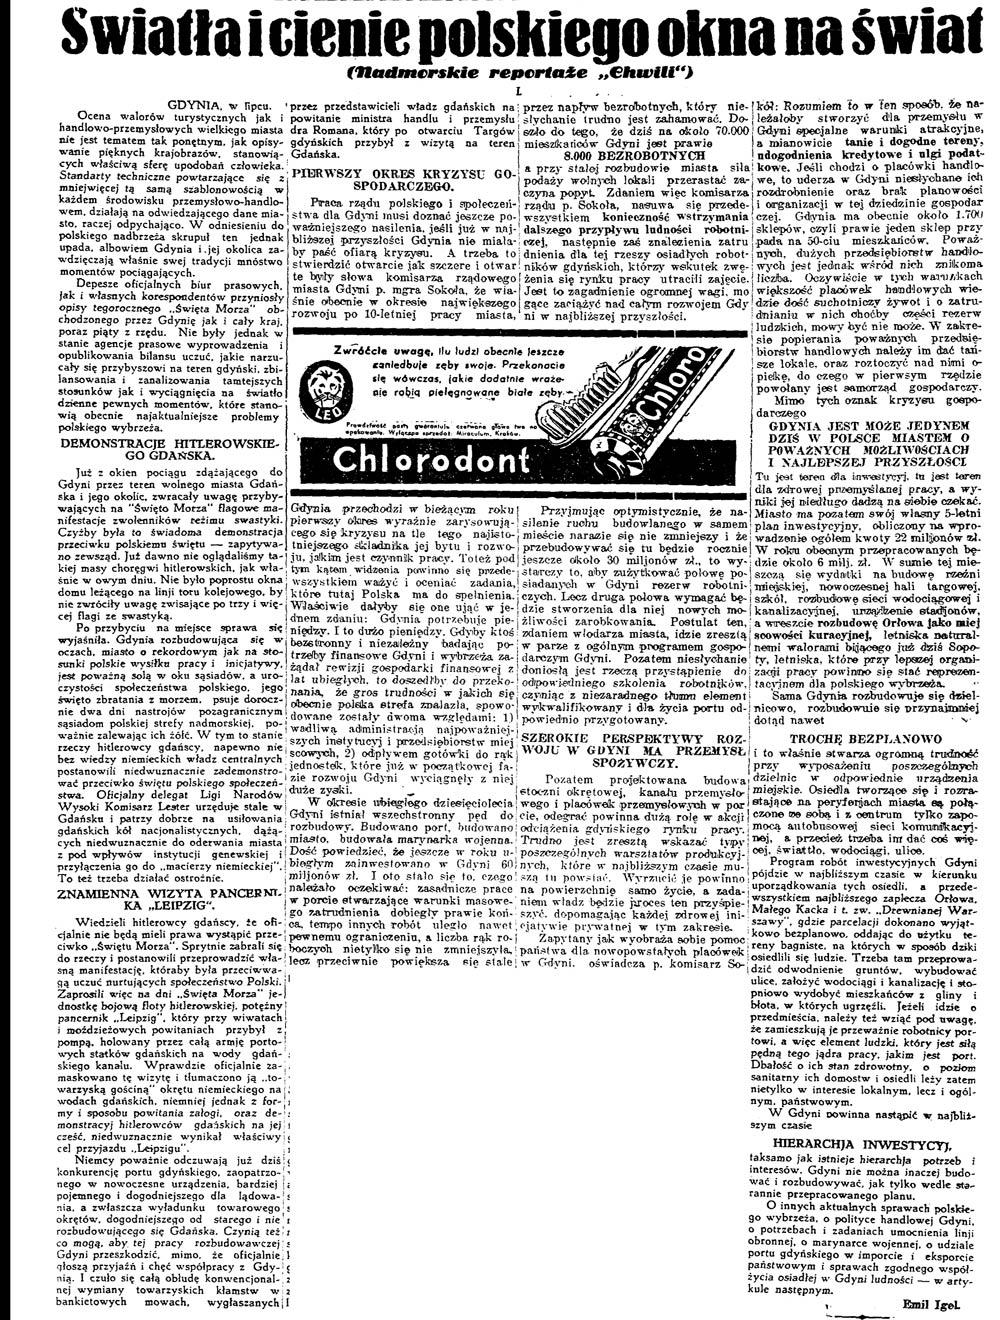 """Światła i cienie polskiego okna na świat (Nadmorskie reportaże """"Chwili"""") // Chwila. - 1936, nr 6211, s. 3"""